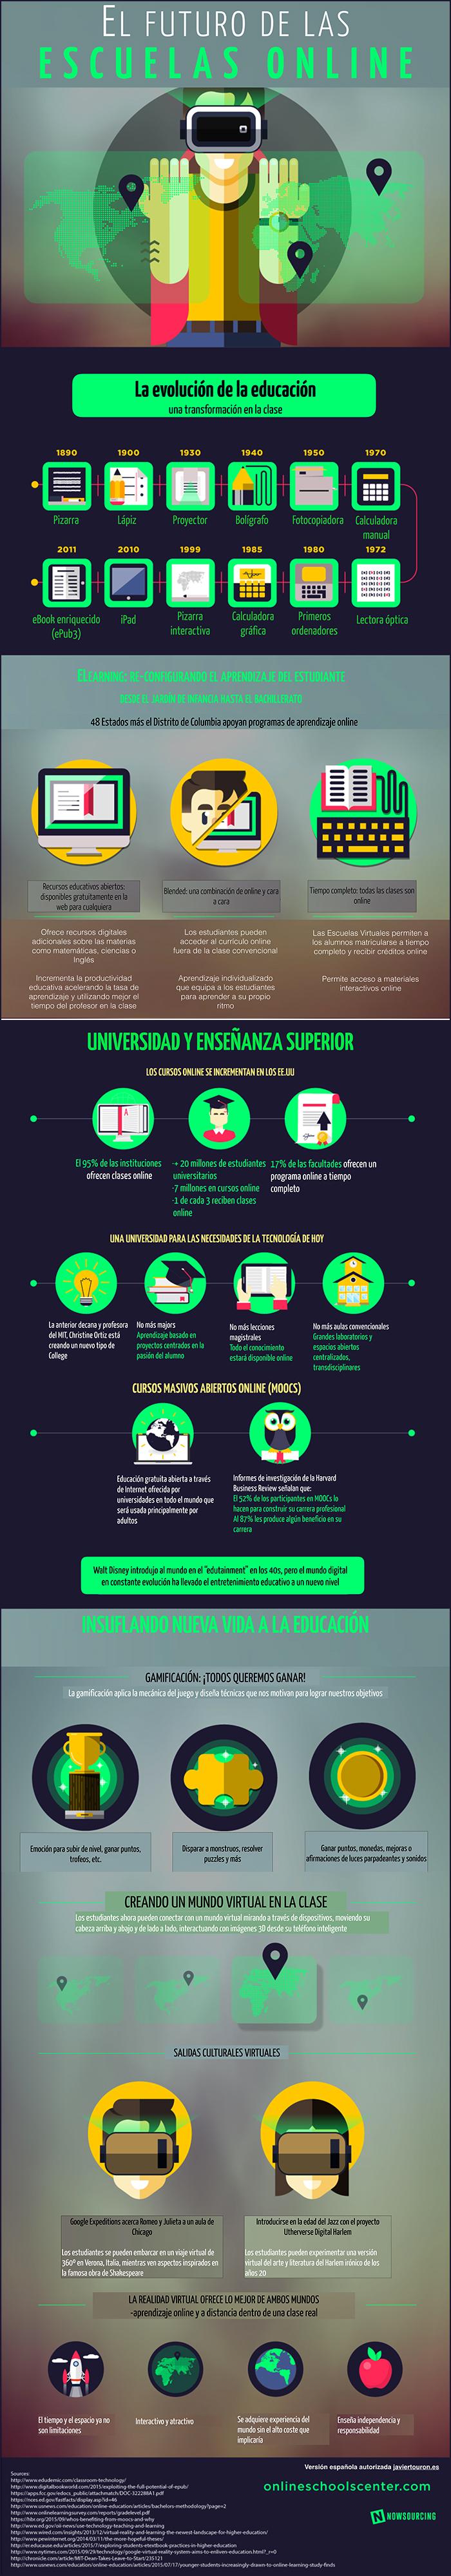 el-futuro-de-las-escuelas-online-ined21-1